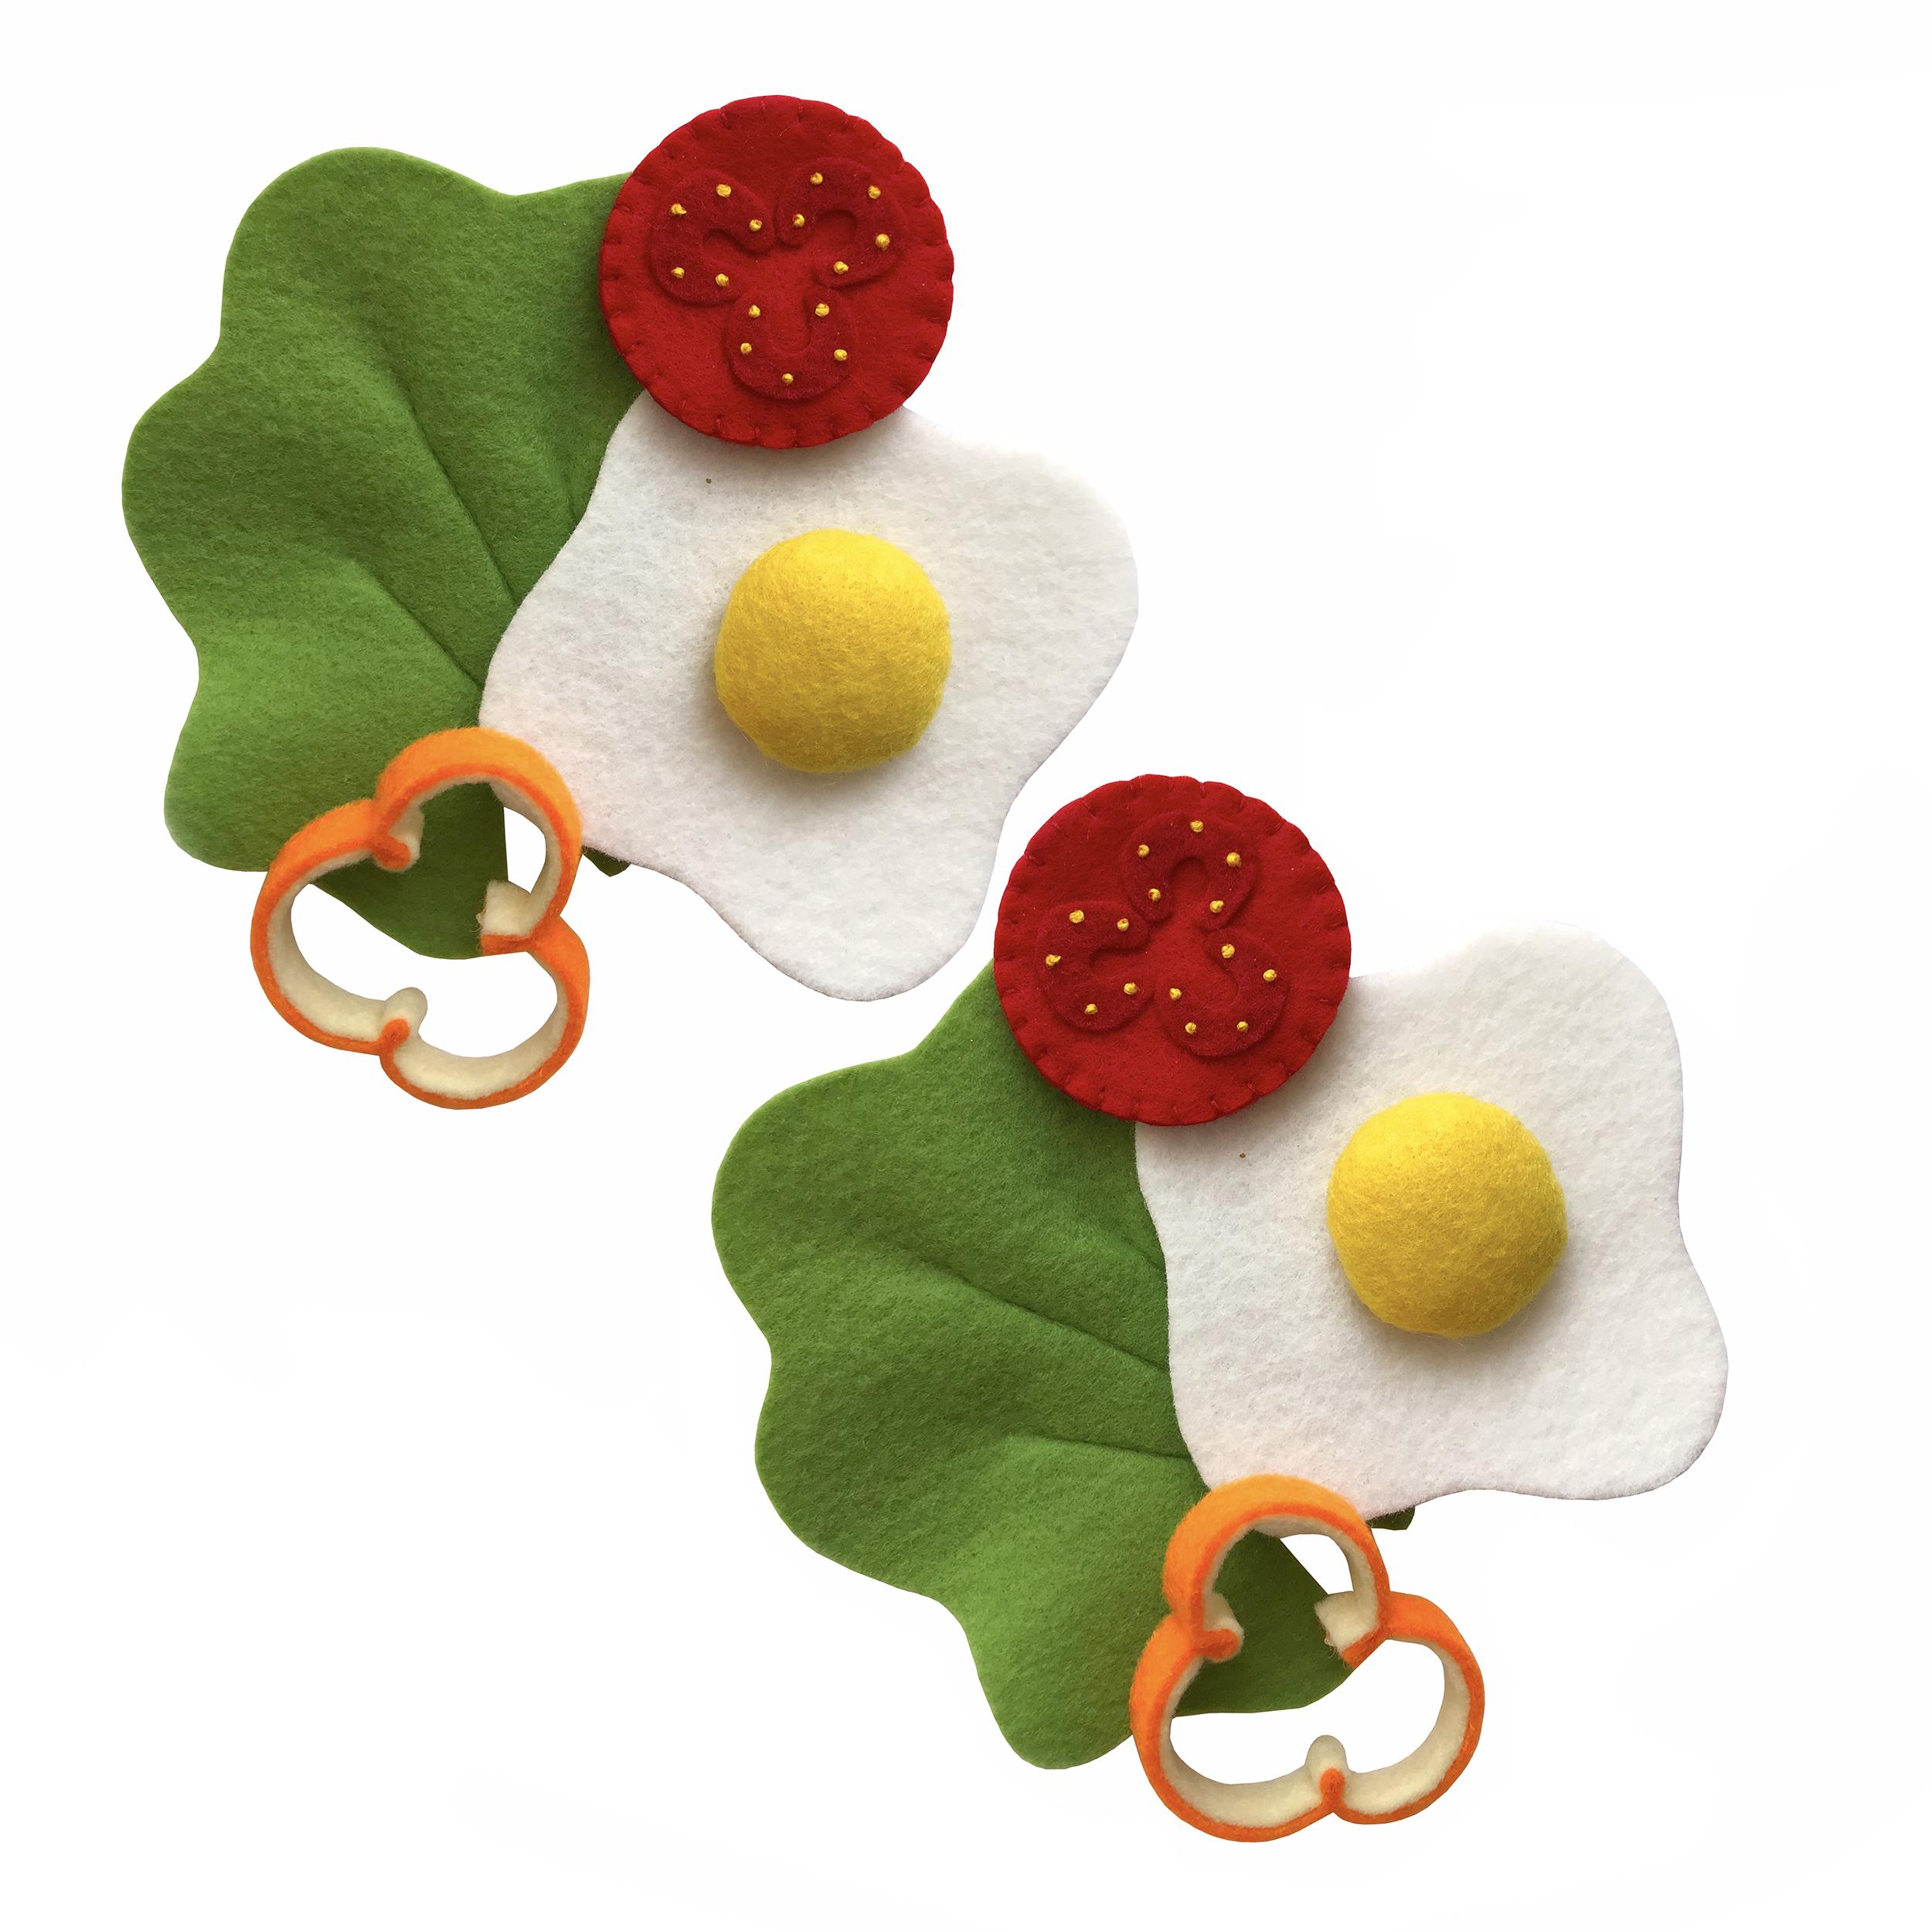 اسباب بازی آشپزخانه الفاپ مدل تخم مرغ